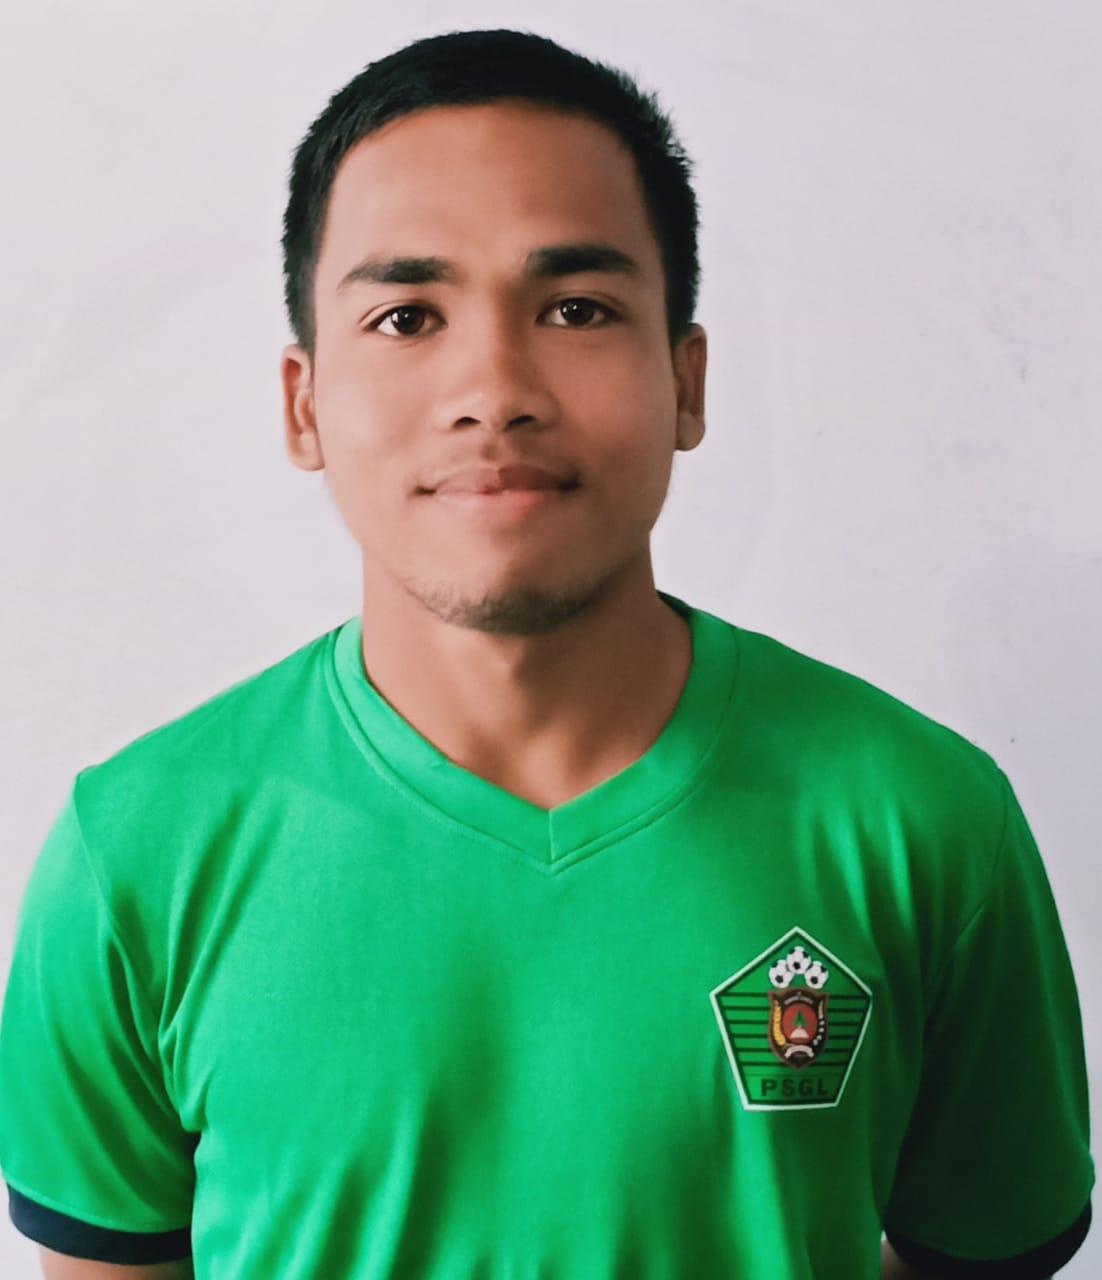 Khairul Abdi